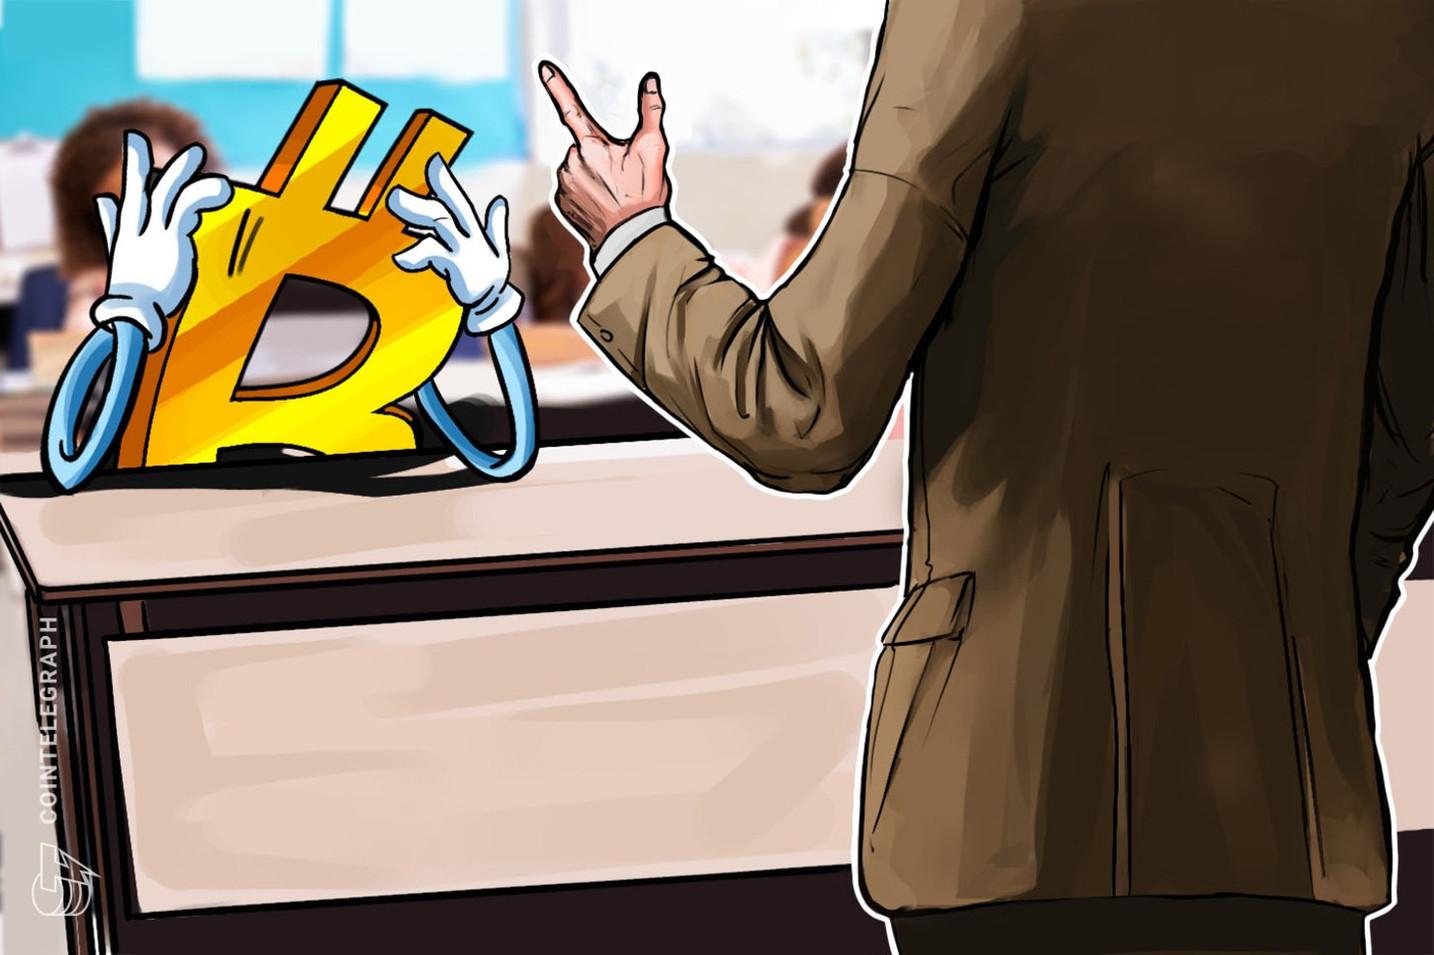 デリビットのビットコイン永久スワップに不具合 7700ドルまで急落 「ある仮想通貨取引所が誤った価格情報」【ニュース】